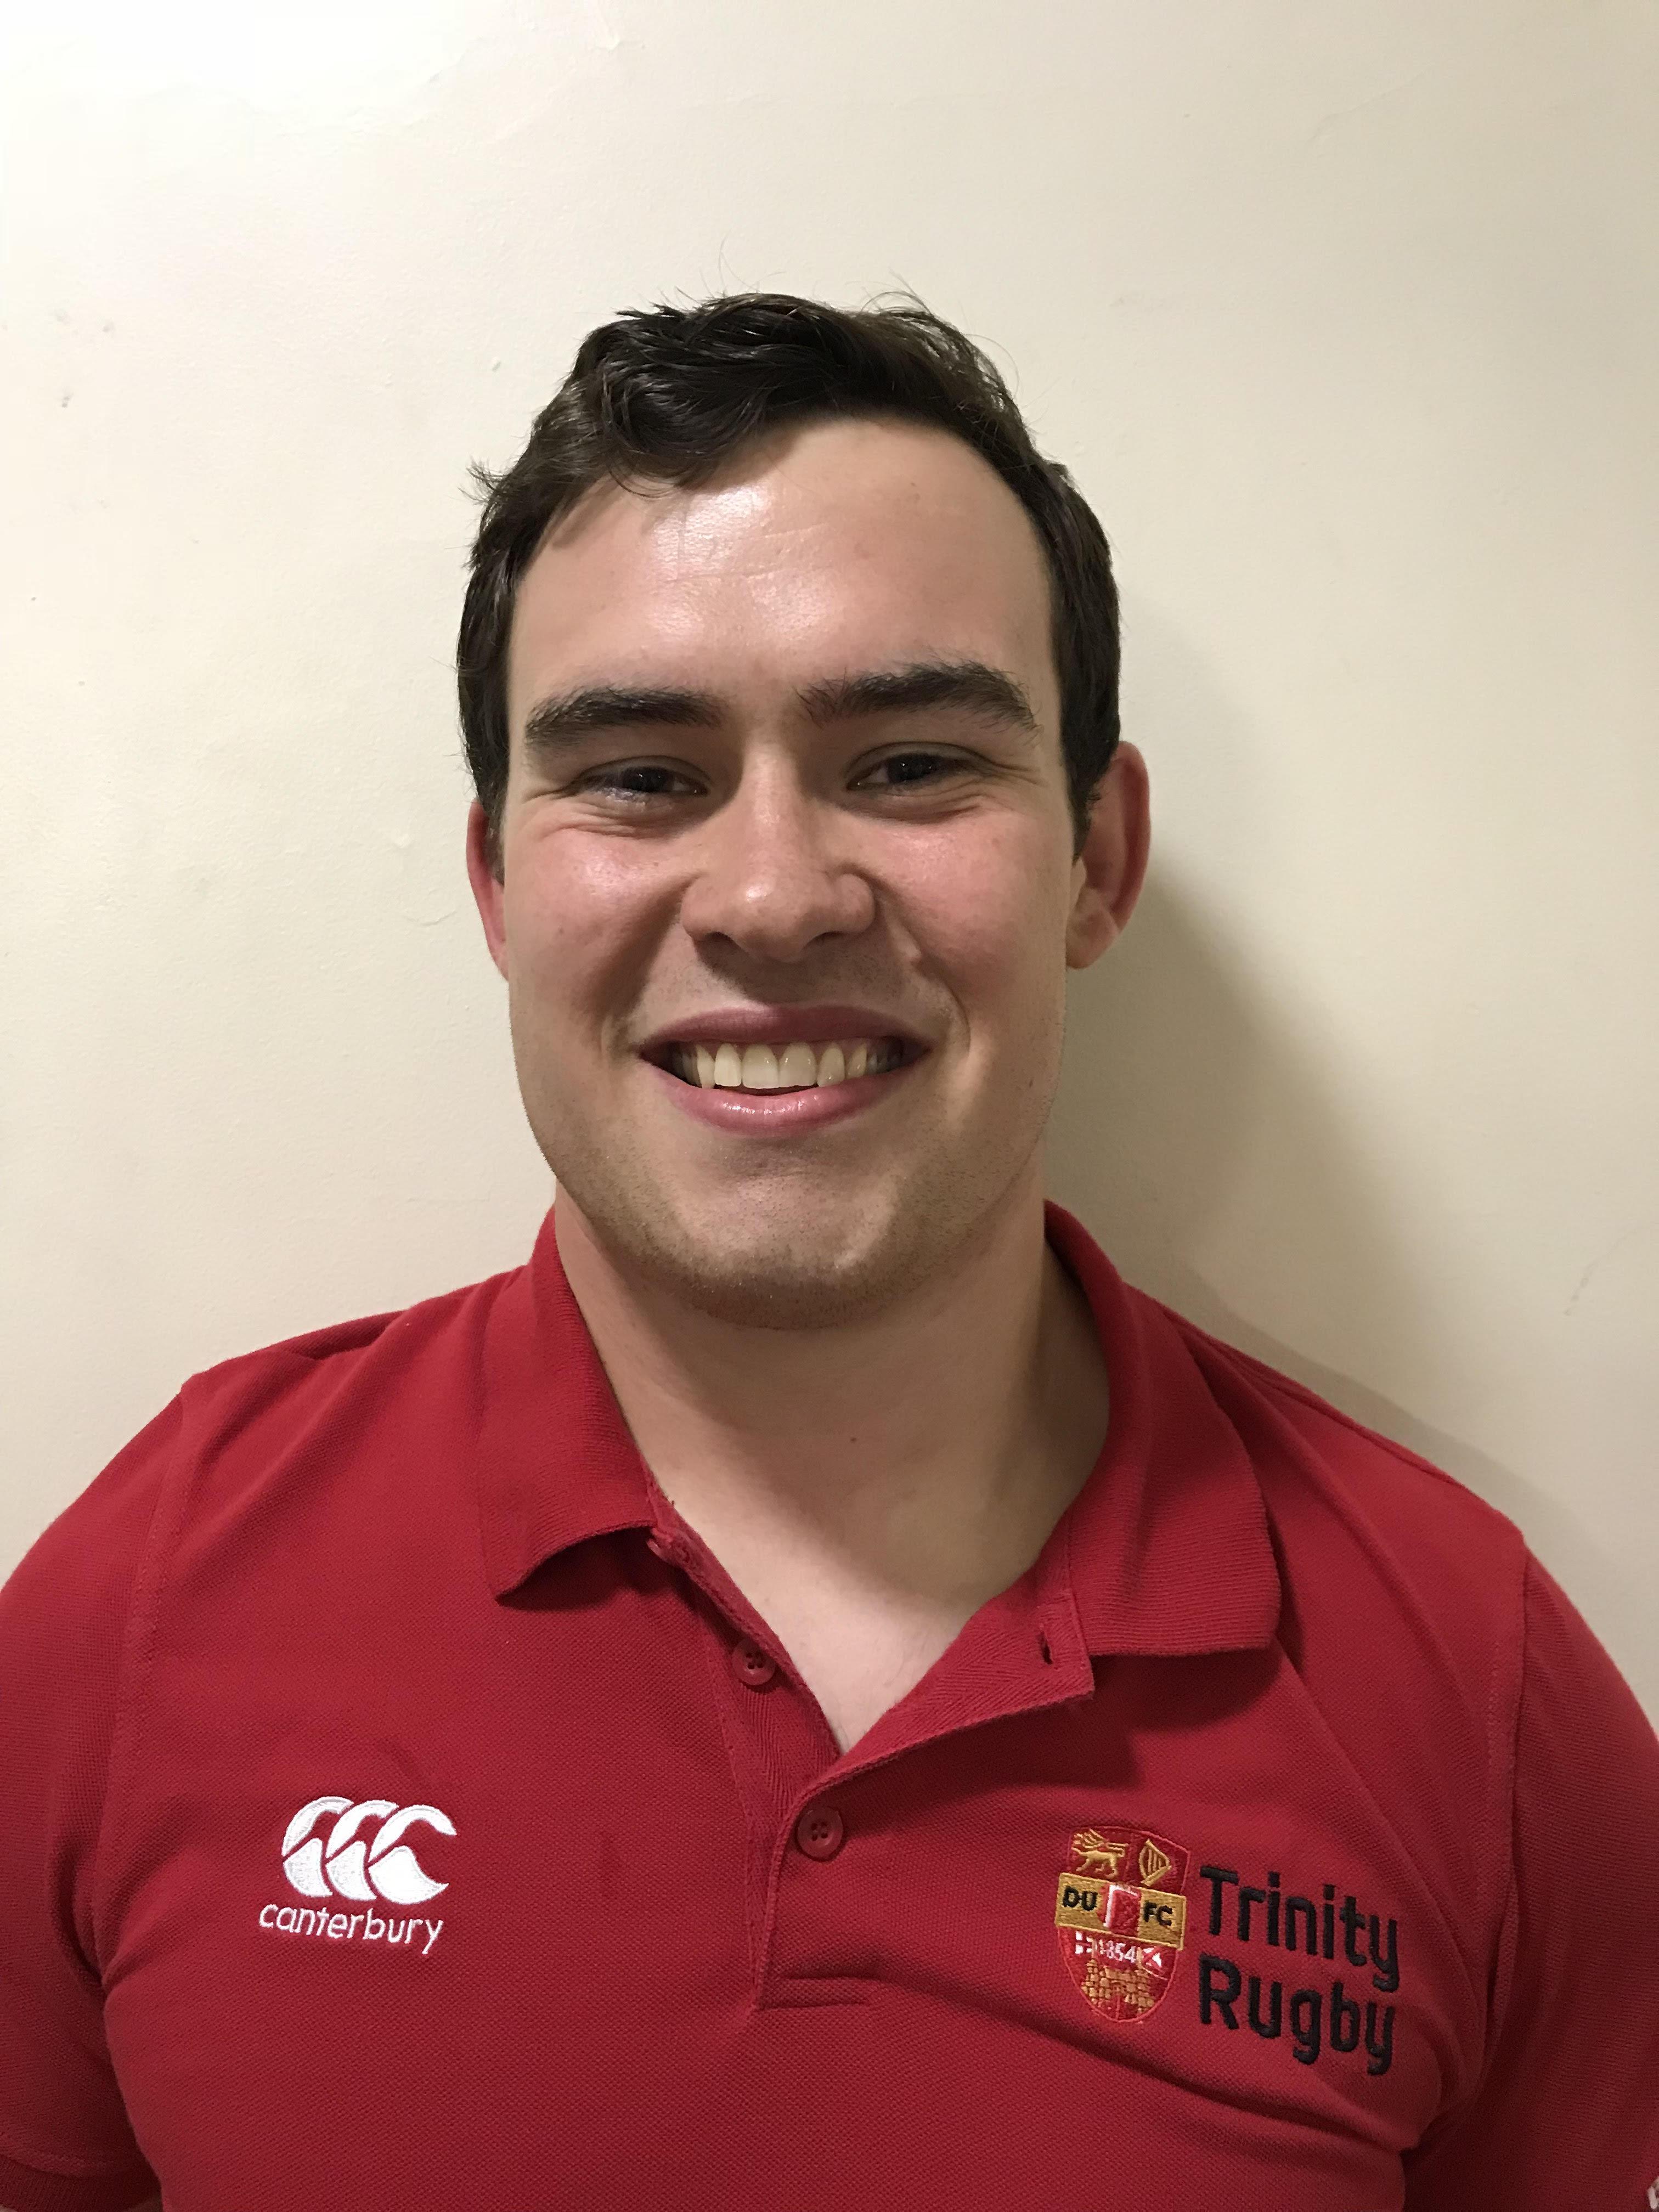 Doyle - Dublin University Football Club - Trinity Rugby